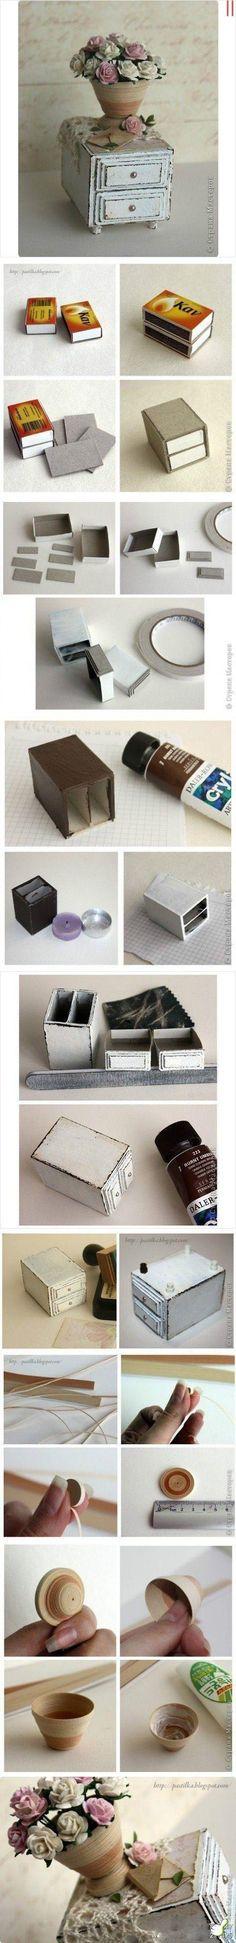 Kibrit Kutusundan Minyatür Sehpa Yapmak